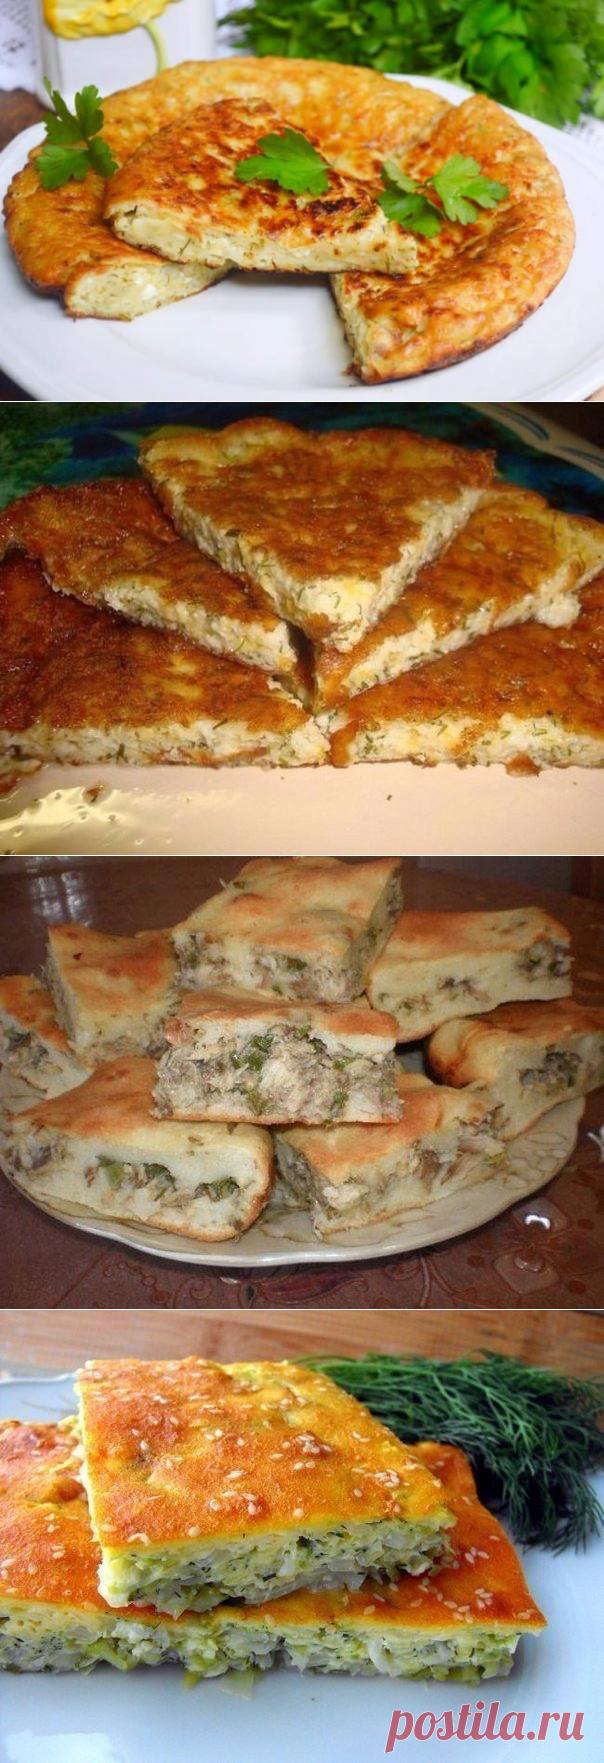 Ленивые ПИРОГИ: ТОП-9 быстрых рецептов пирогов к ужину | Кулинарные записки обо всём | Яндекс Дзен